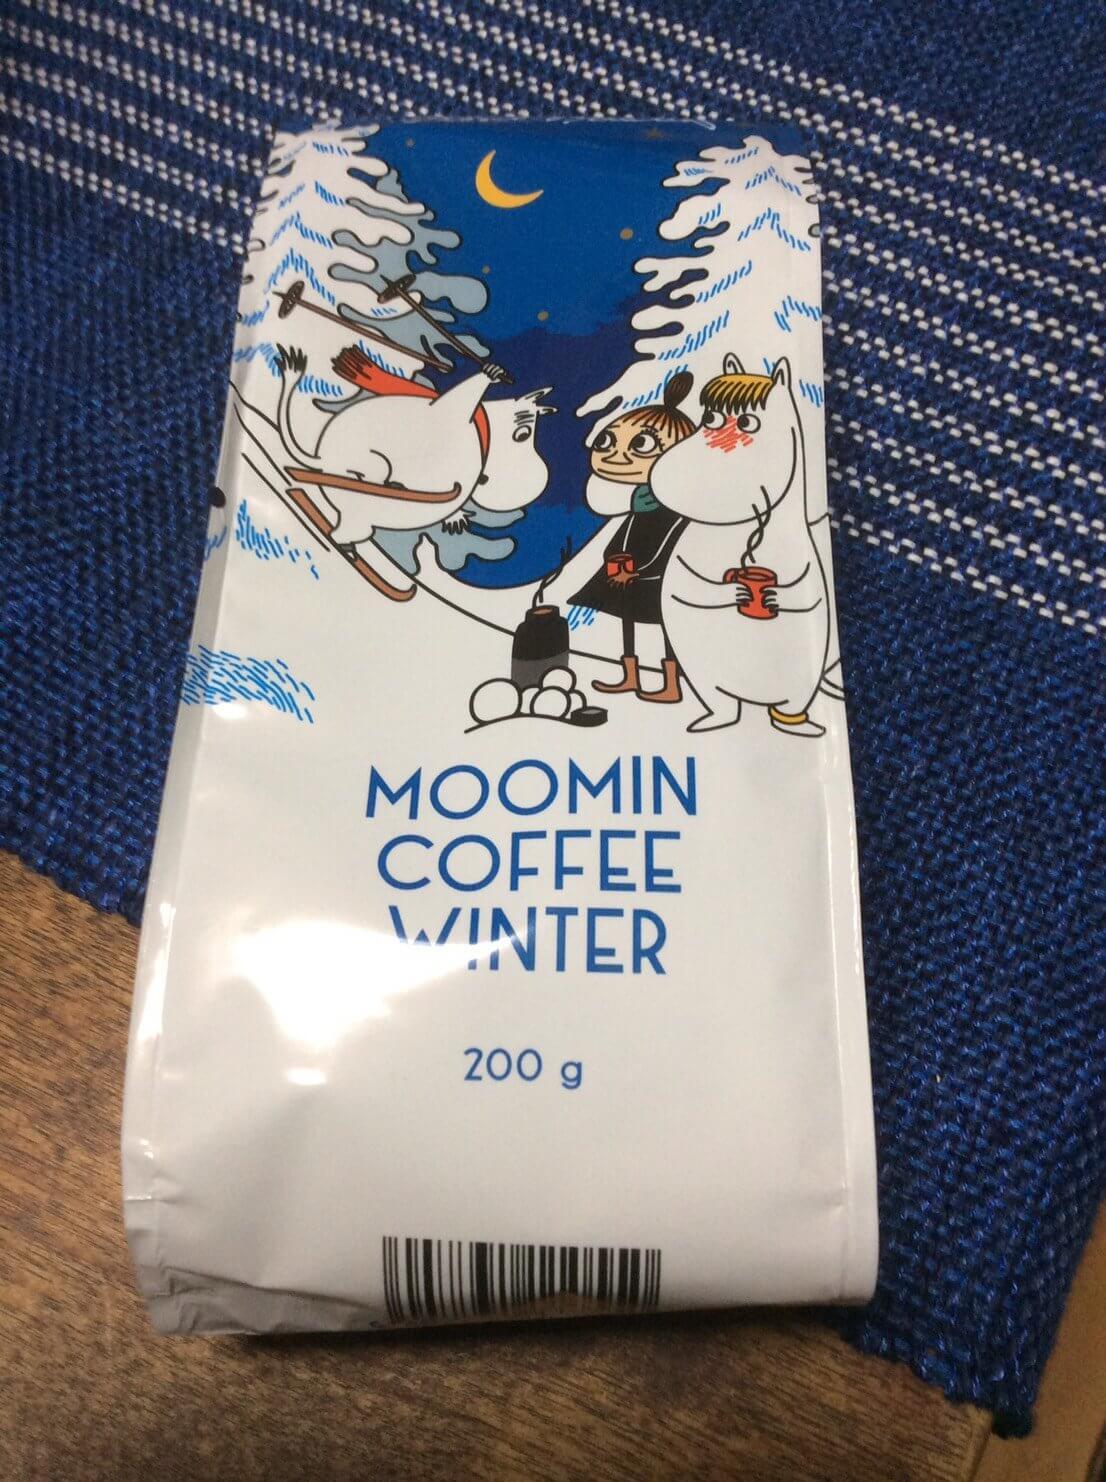 ムーミンのコーヒー粉